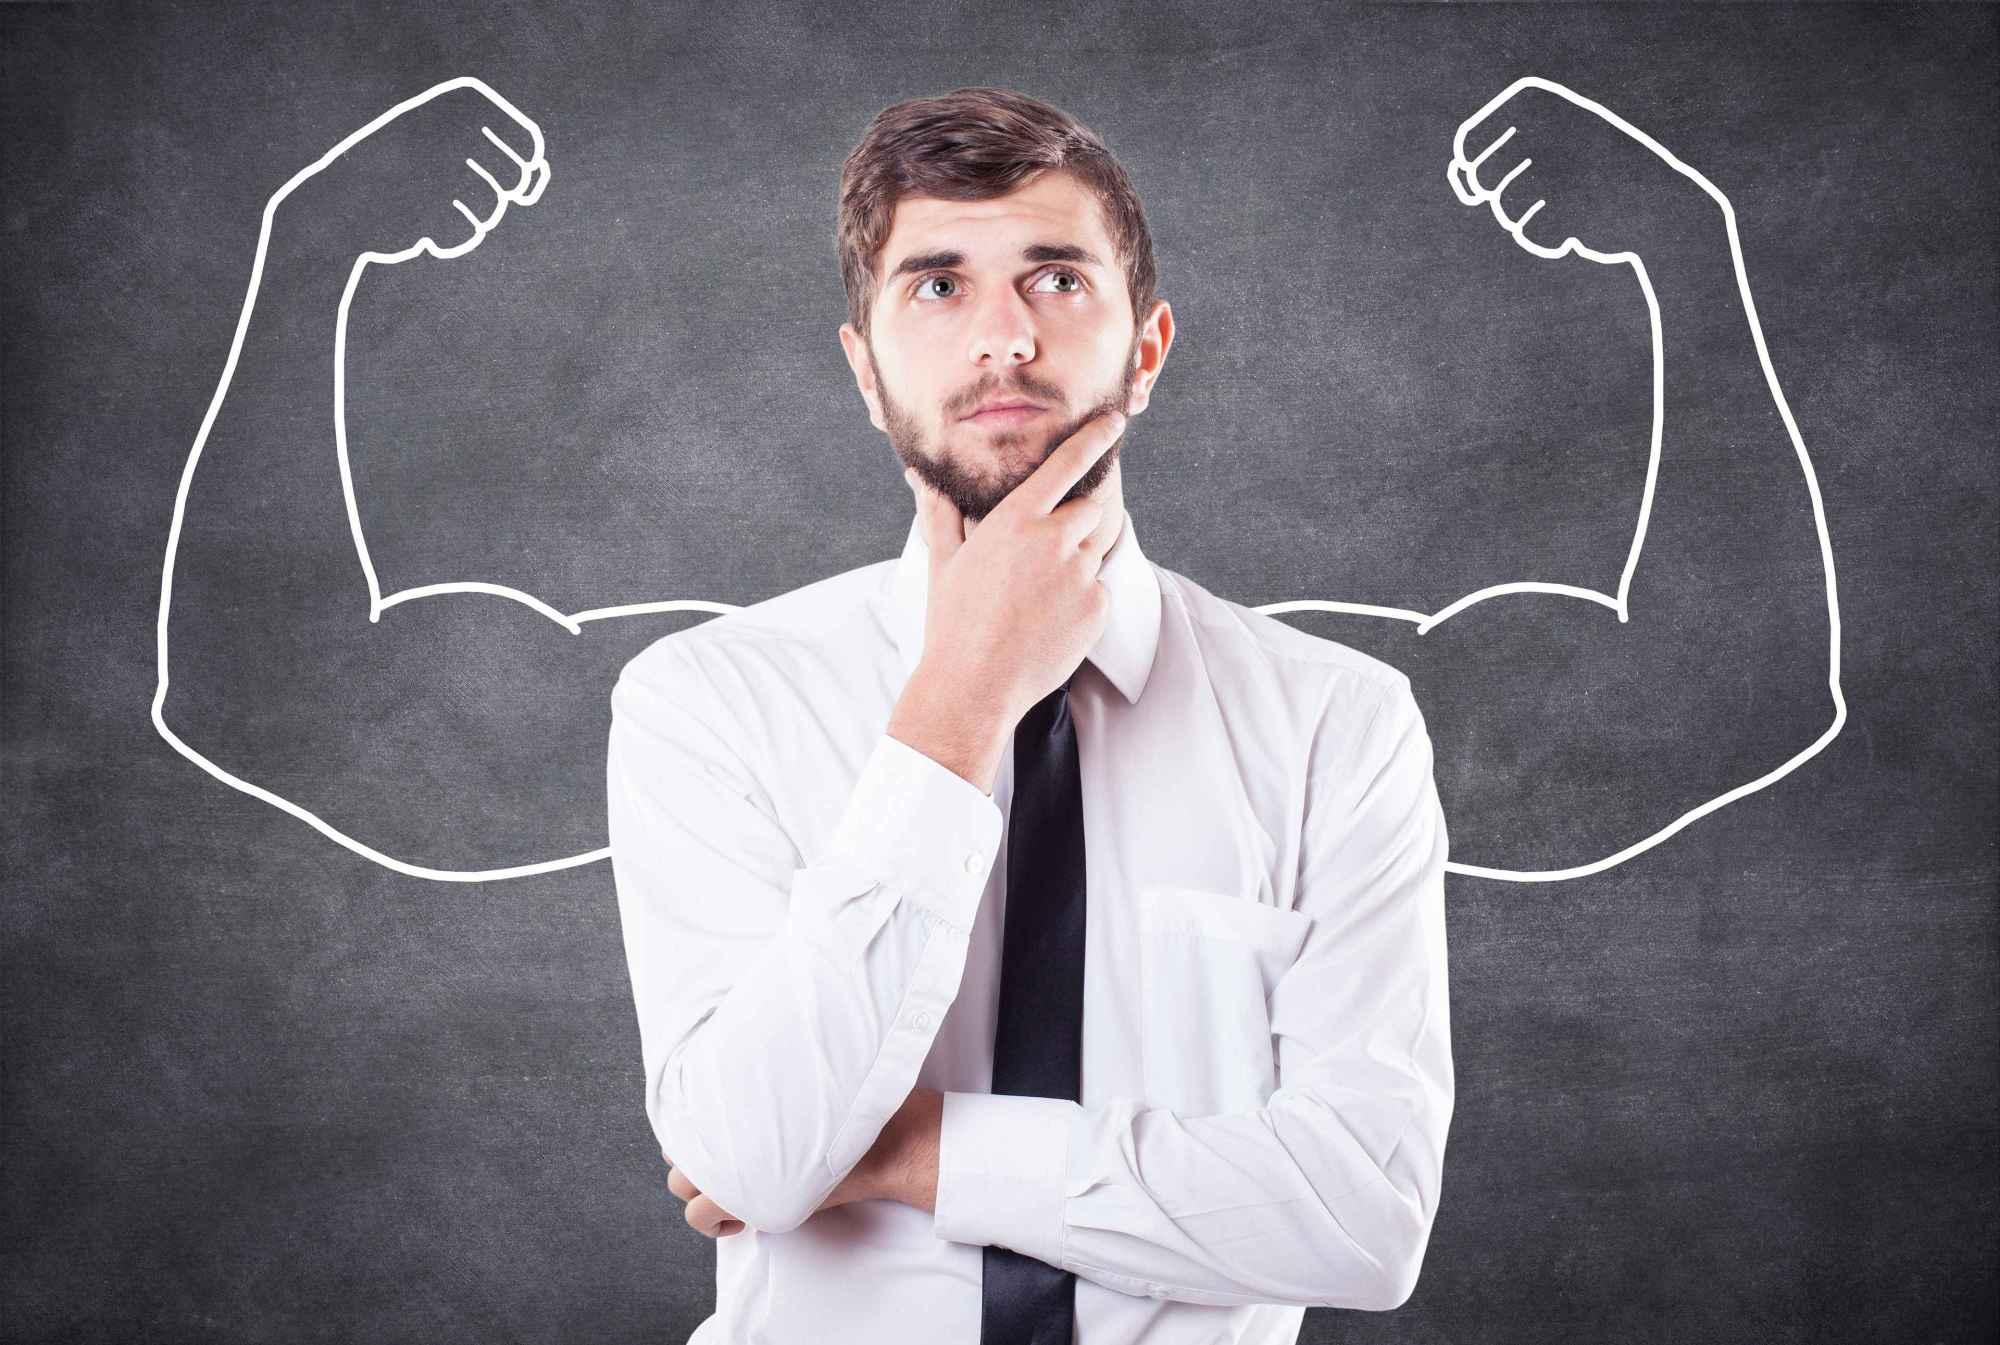 原创益气补肾的食物找到了!4种天然雄性激素,排在第一很多男性都不知道